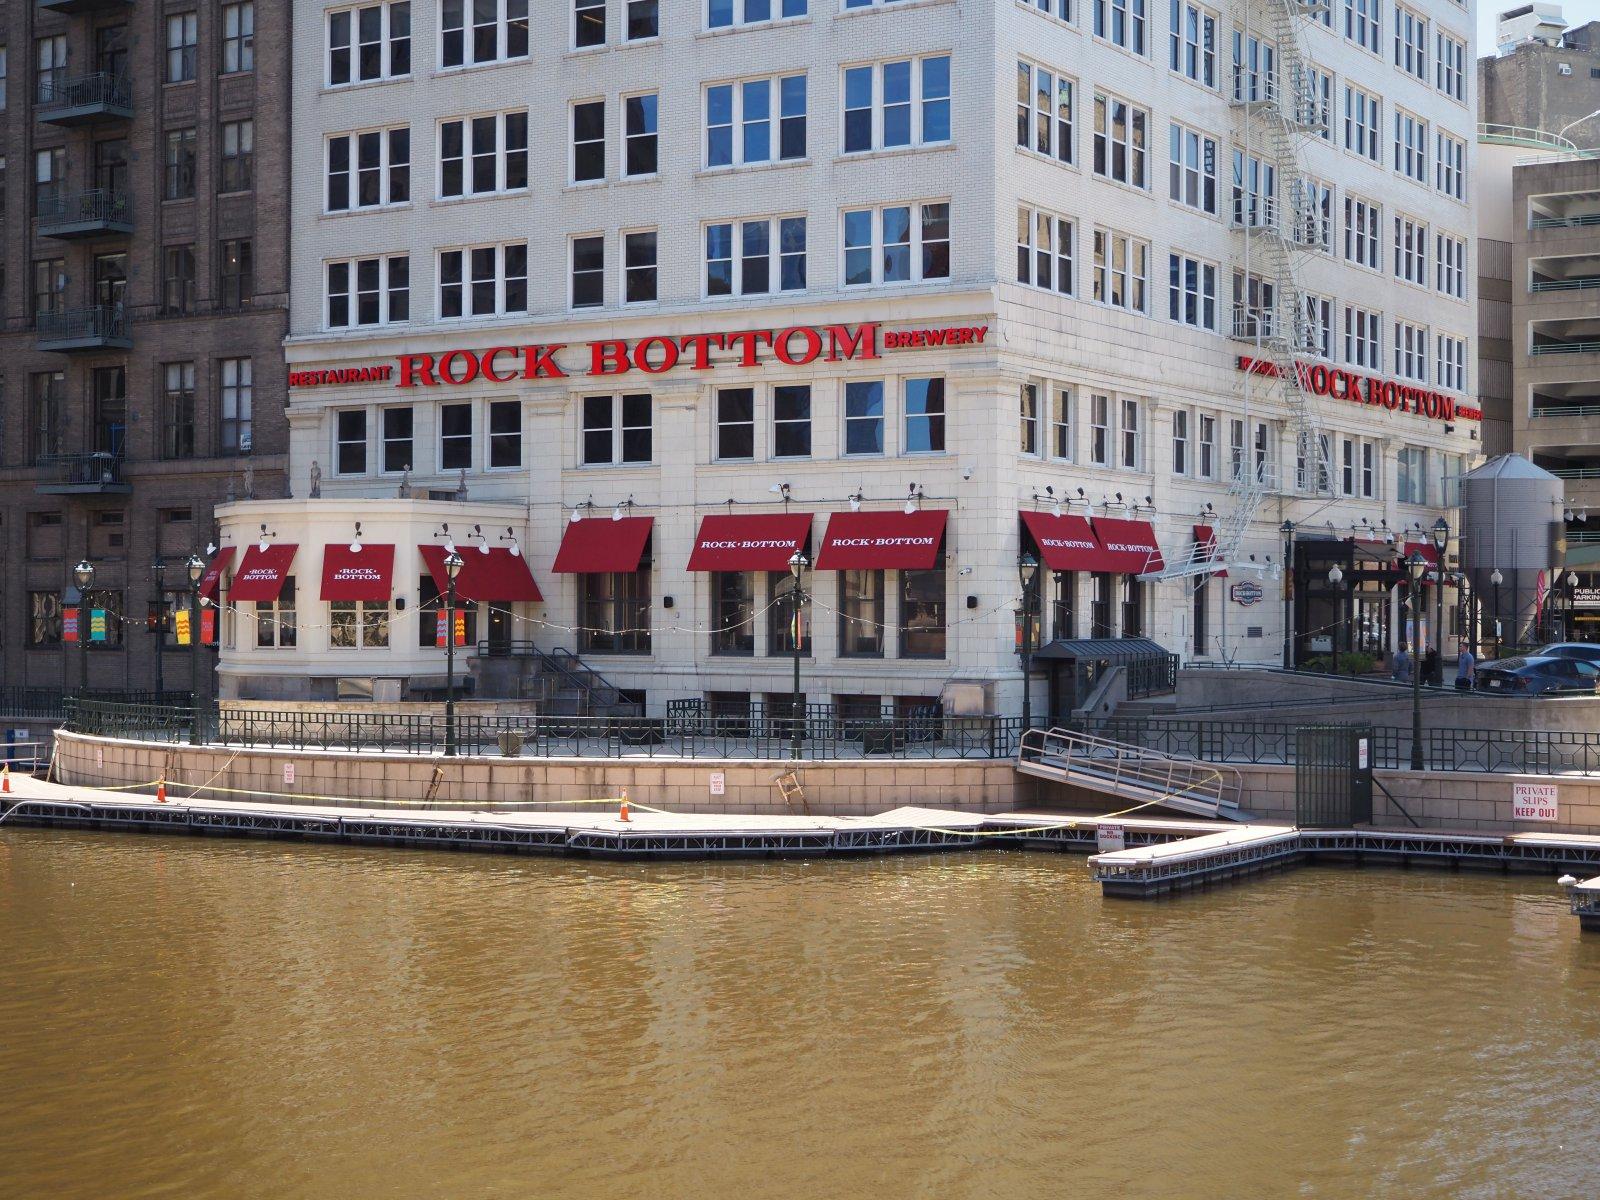 Rock Bottom Brewery at River Bank Plaza